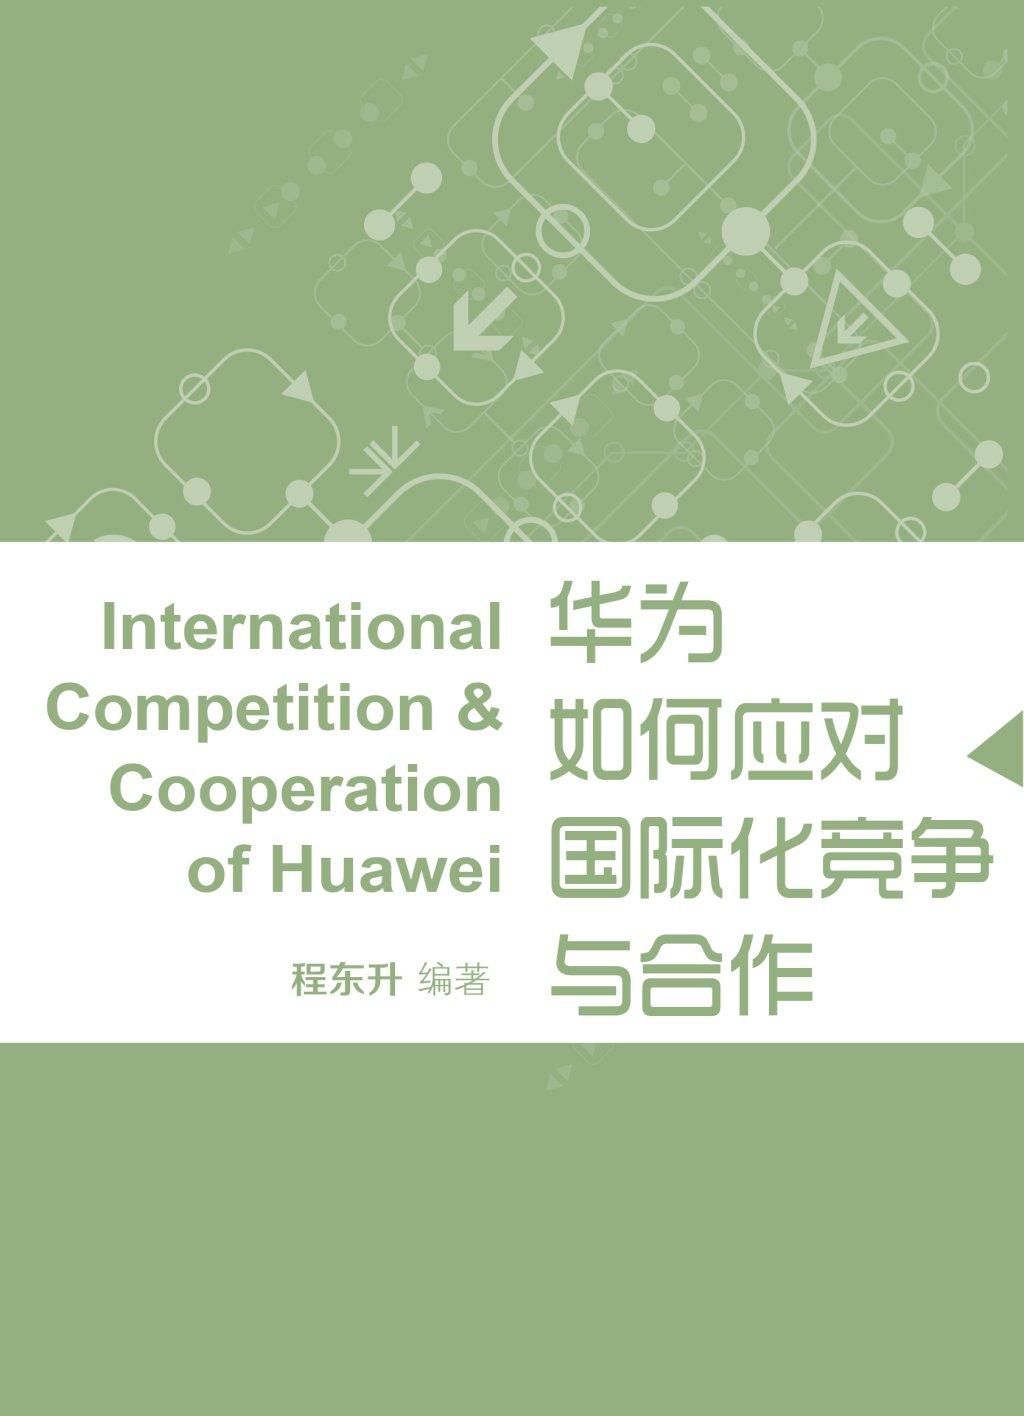 华为如何应对国际化竞争与合作(蓝狮子速读系列-管理029)